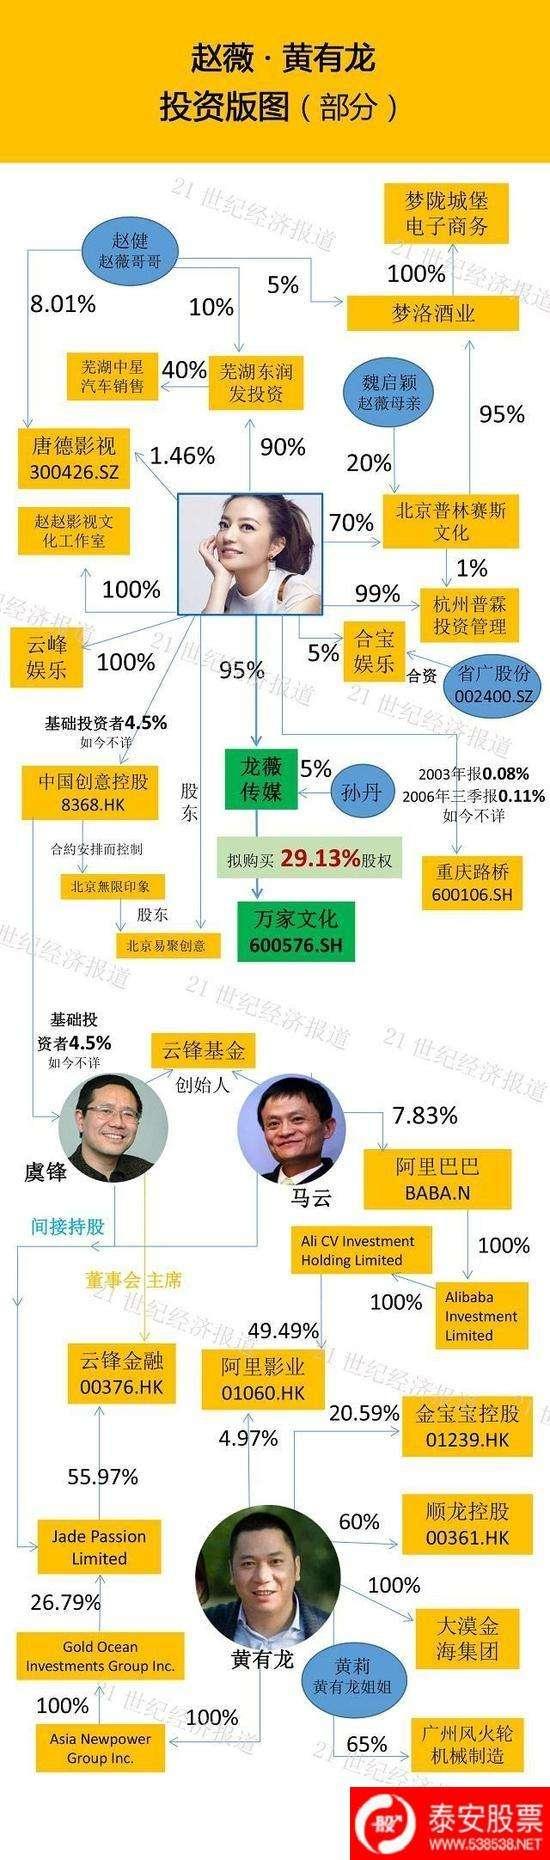 赵薇放弃控股万家文化真实原因惊人,赵薇身家一年蒸发20亿因炒股